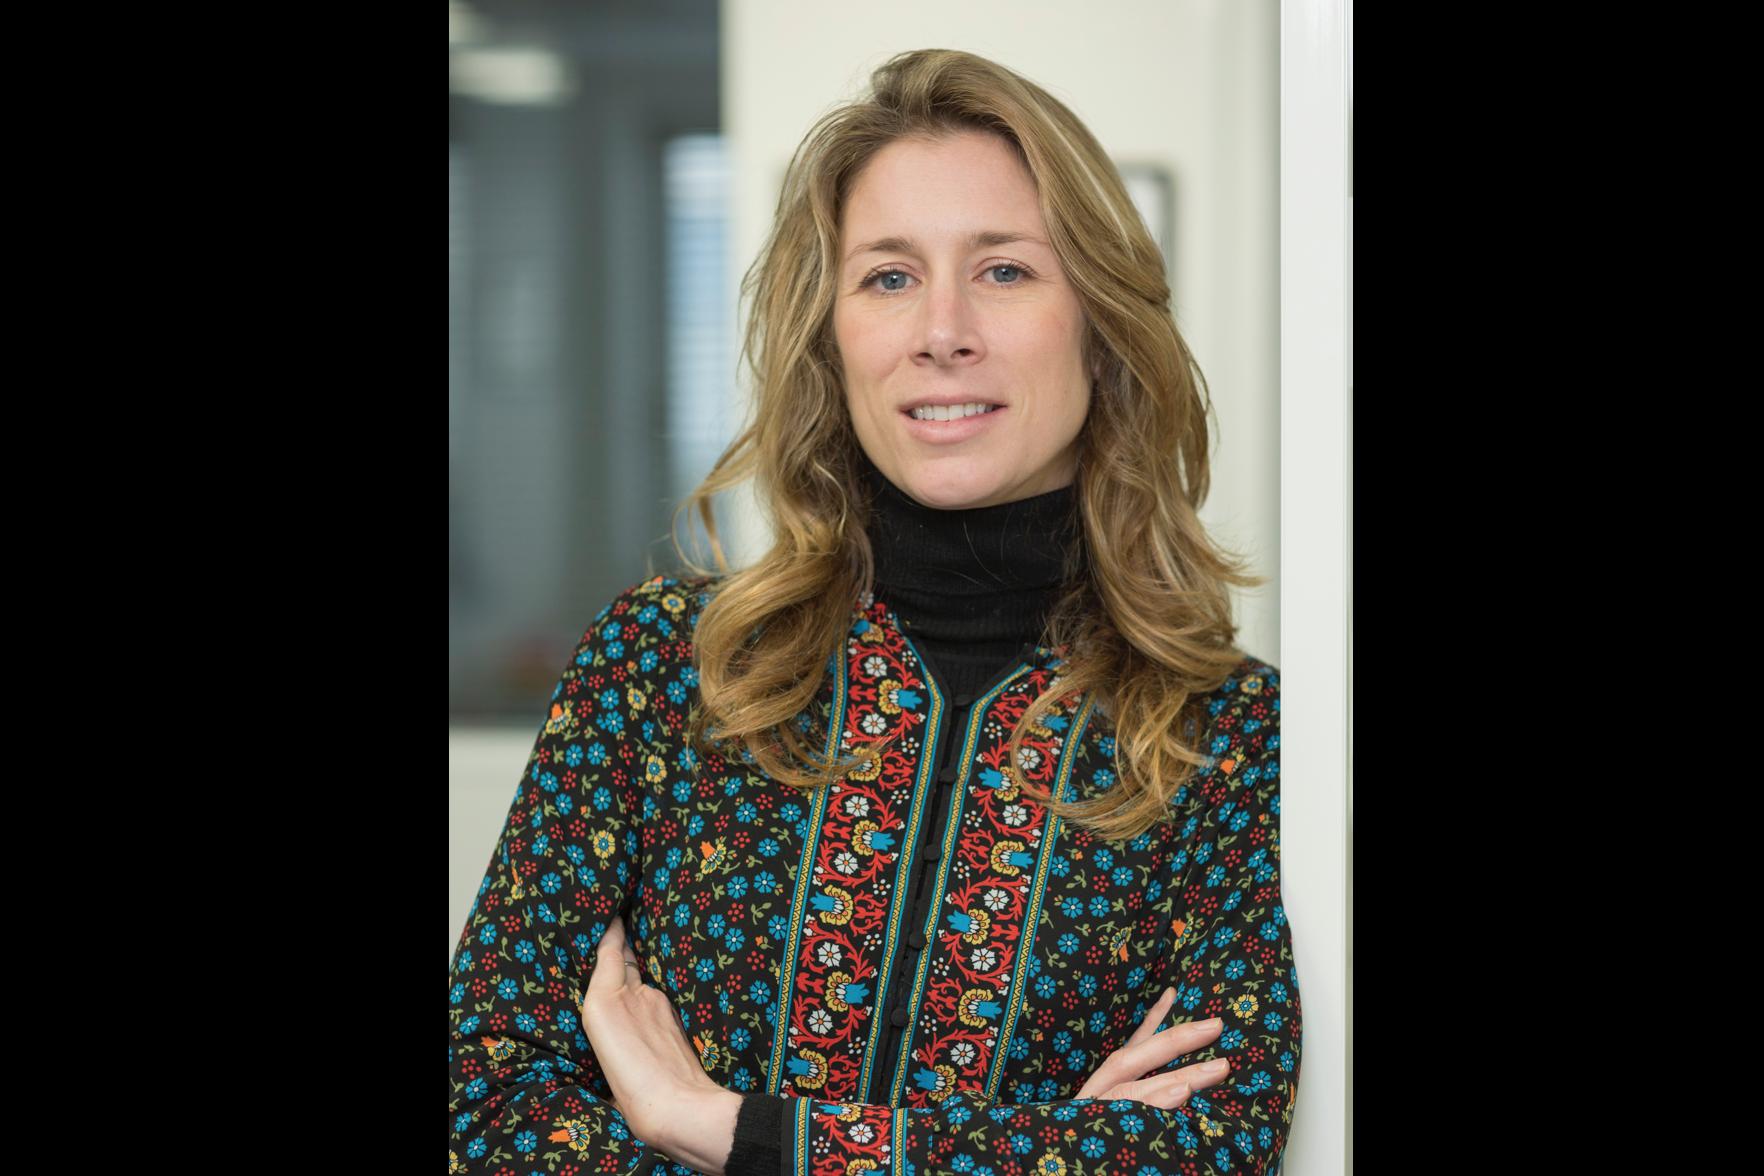 Entretien avec Aurélie Gaudillère, co-fondatrice et directrice générale d'Enerlis